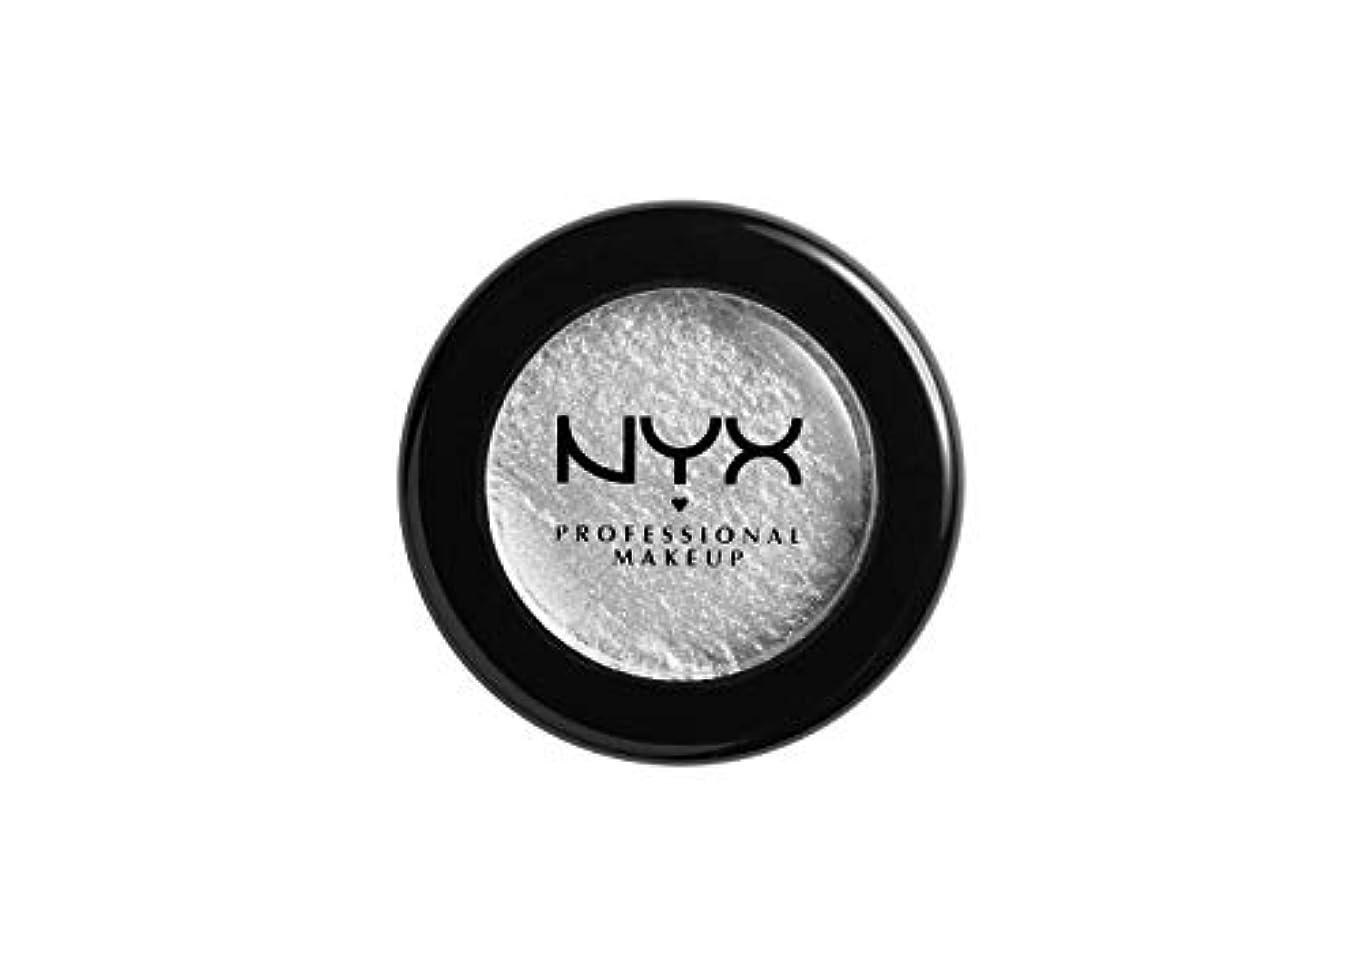 悪化させる主人毒性NYX(ニックス) フォイルプレイ クリーム アイシャドウ 02 カラー?ウーマン オブ スティール 2.2g